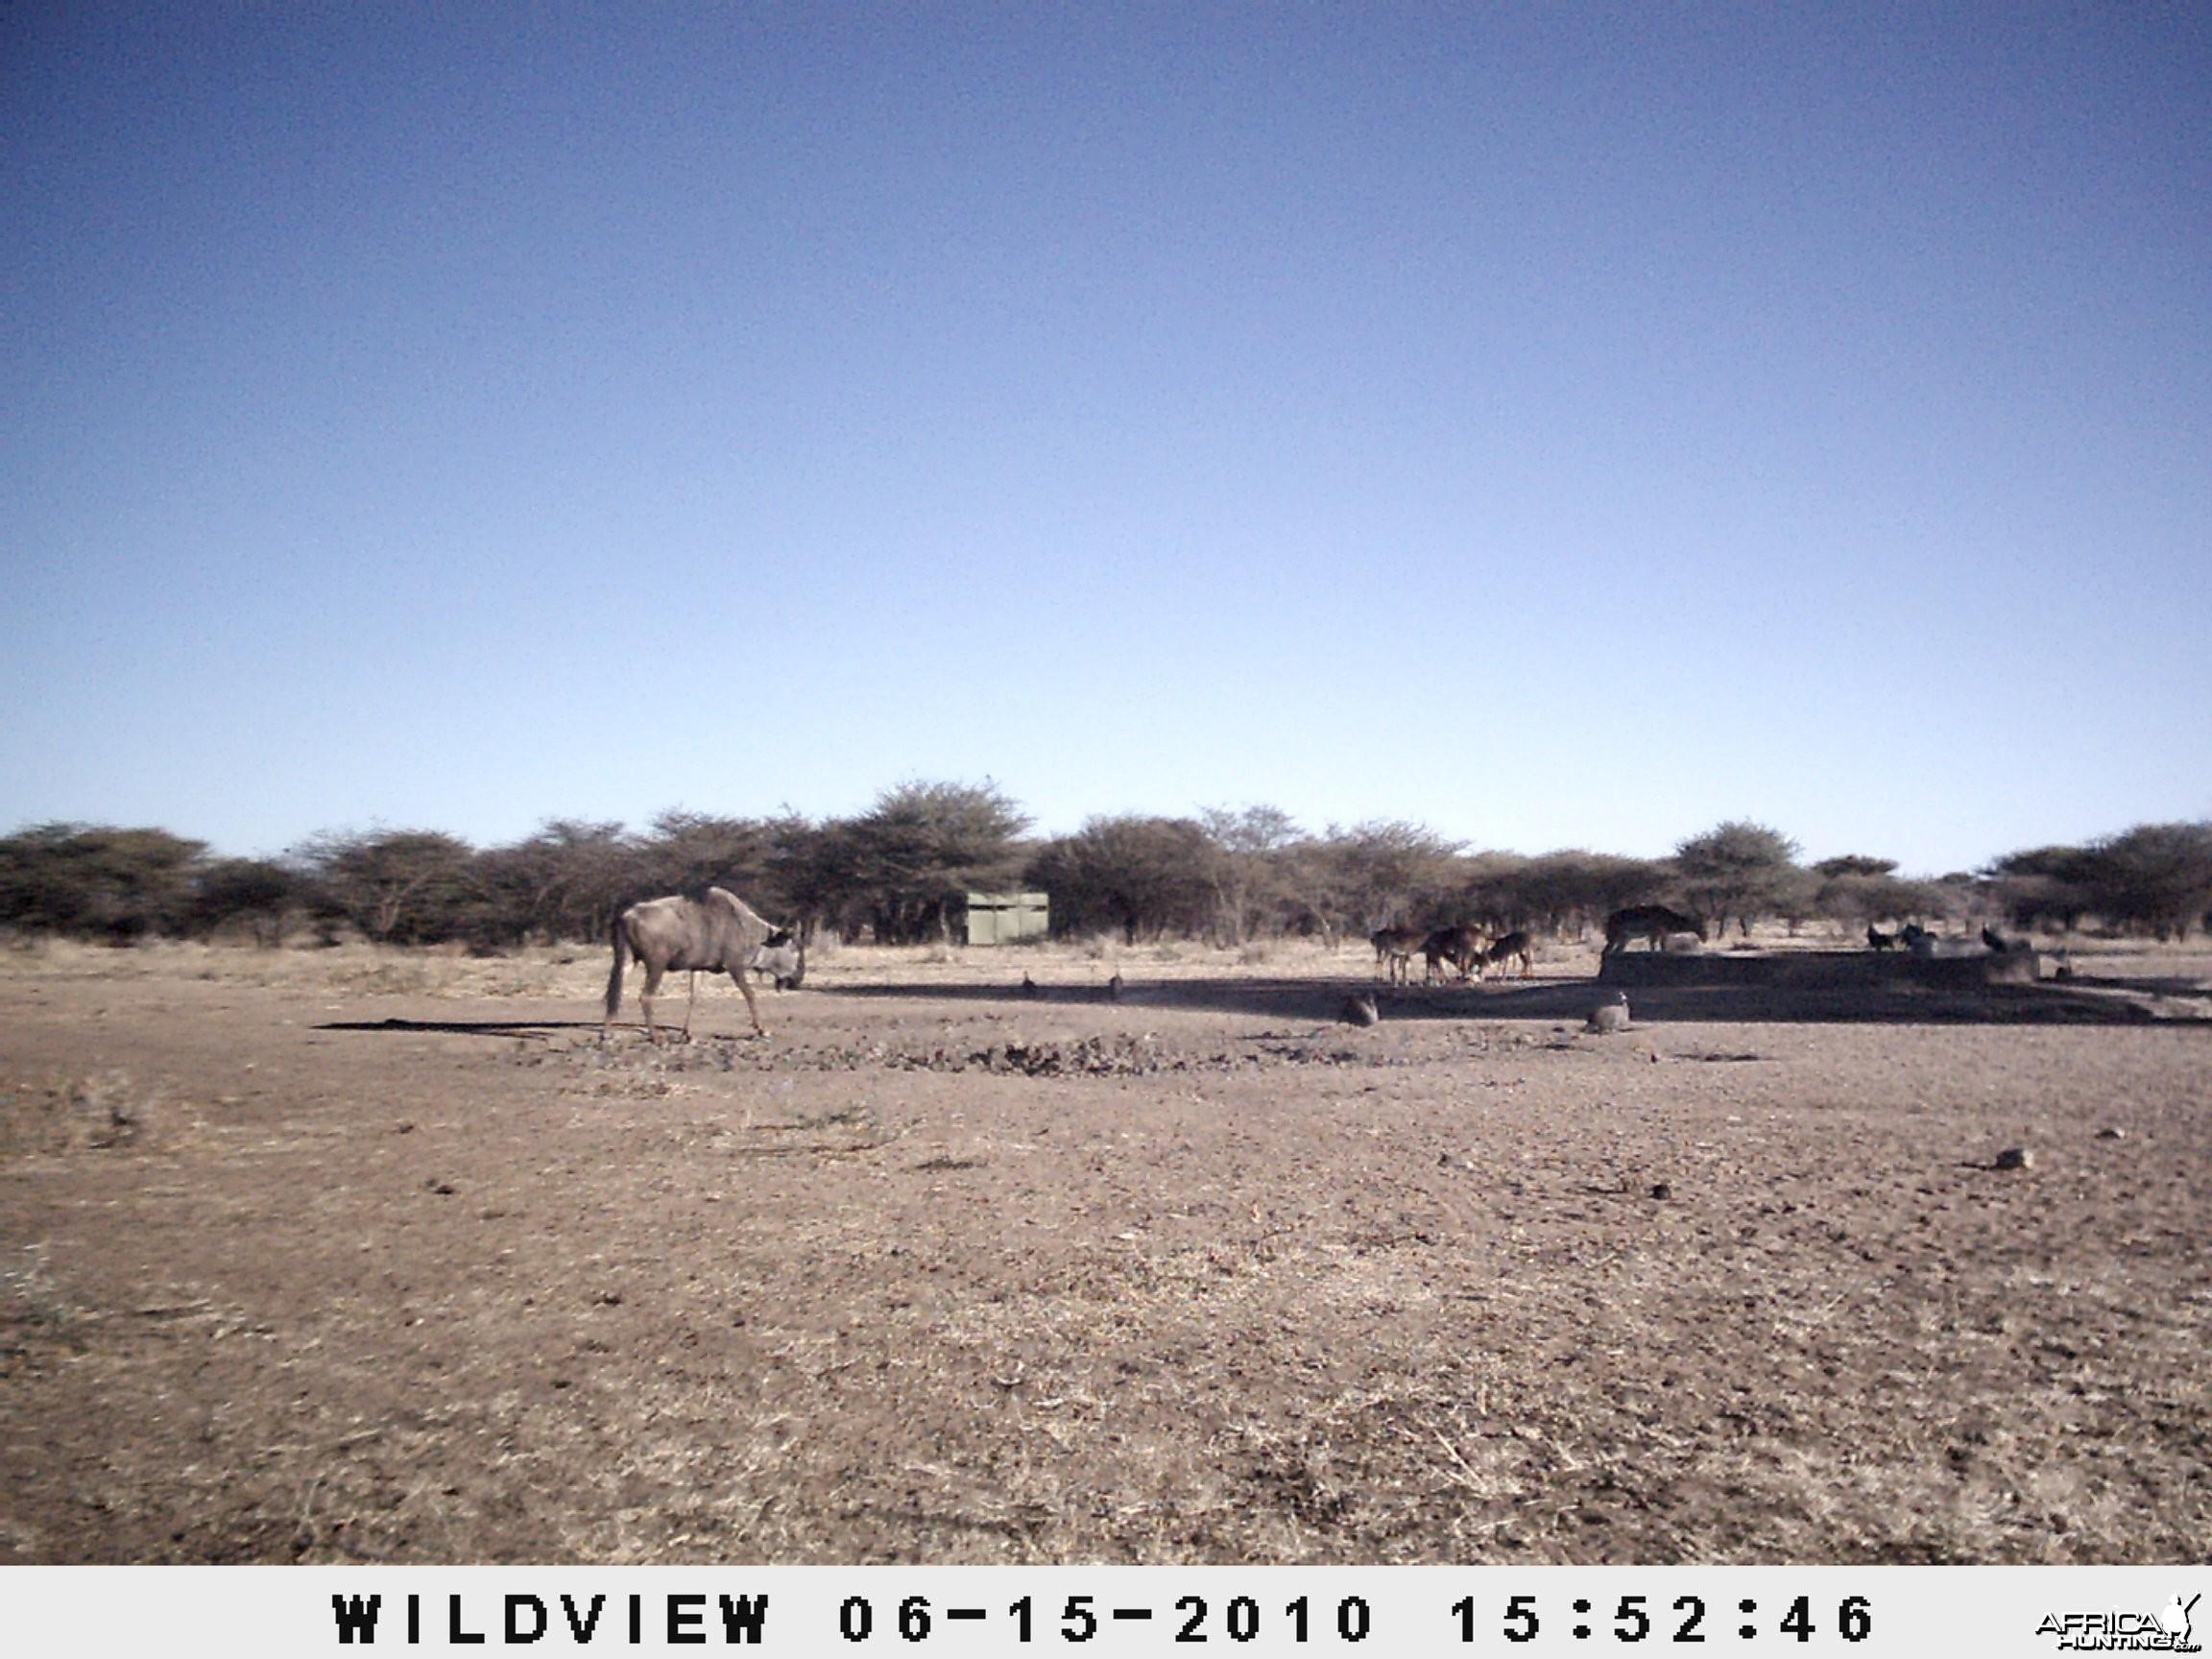 Blue Wildebeest and Impala, Namibia